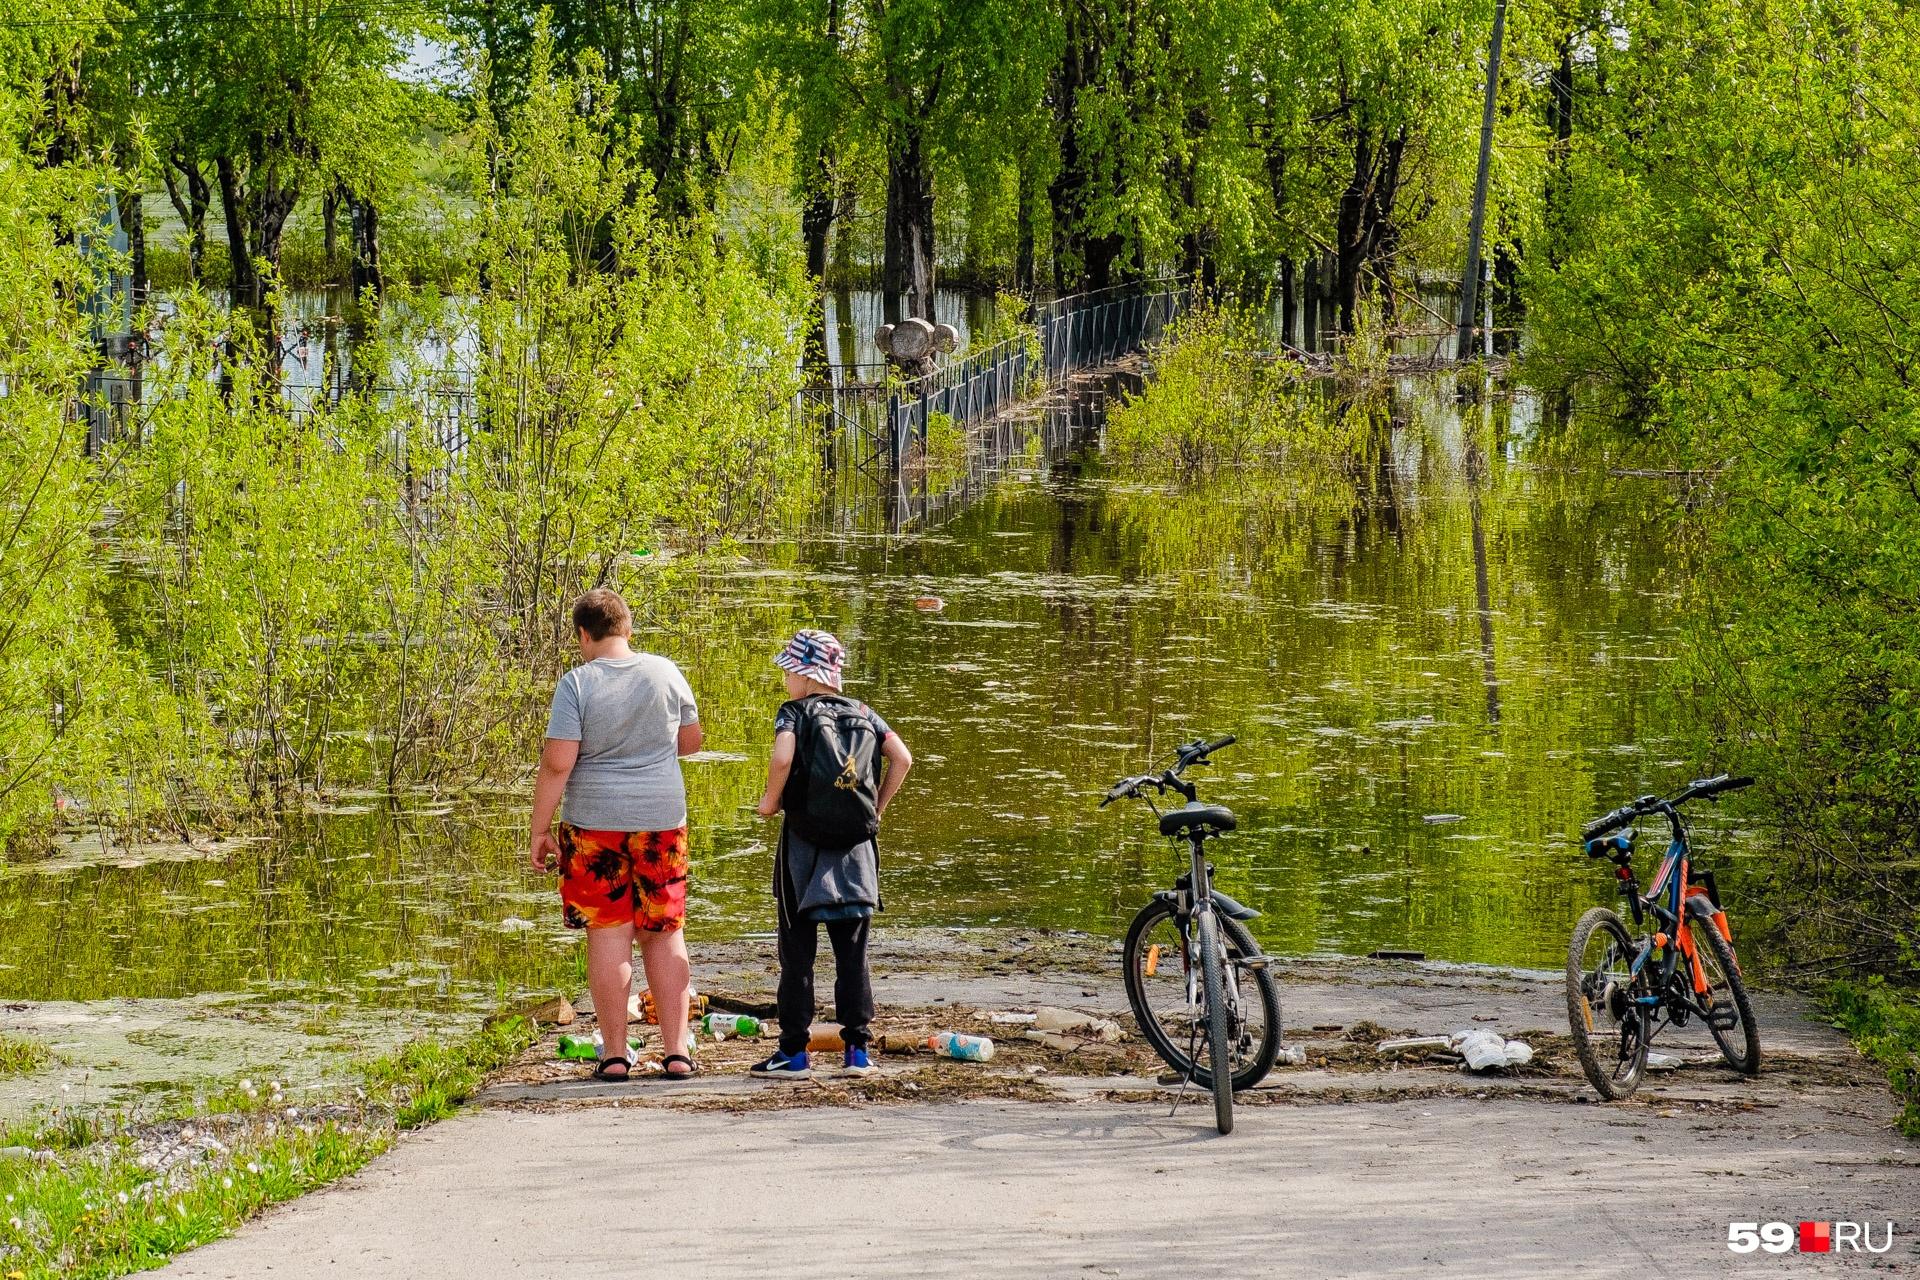 Кажется, на велосипеде здесь не проедешь